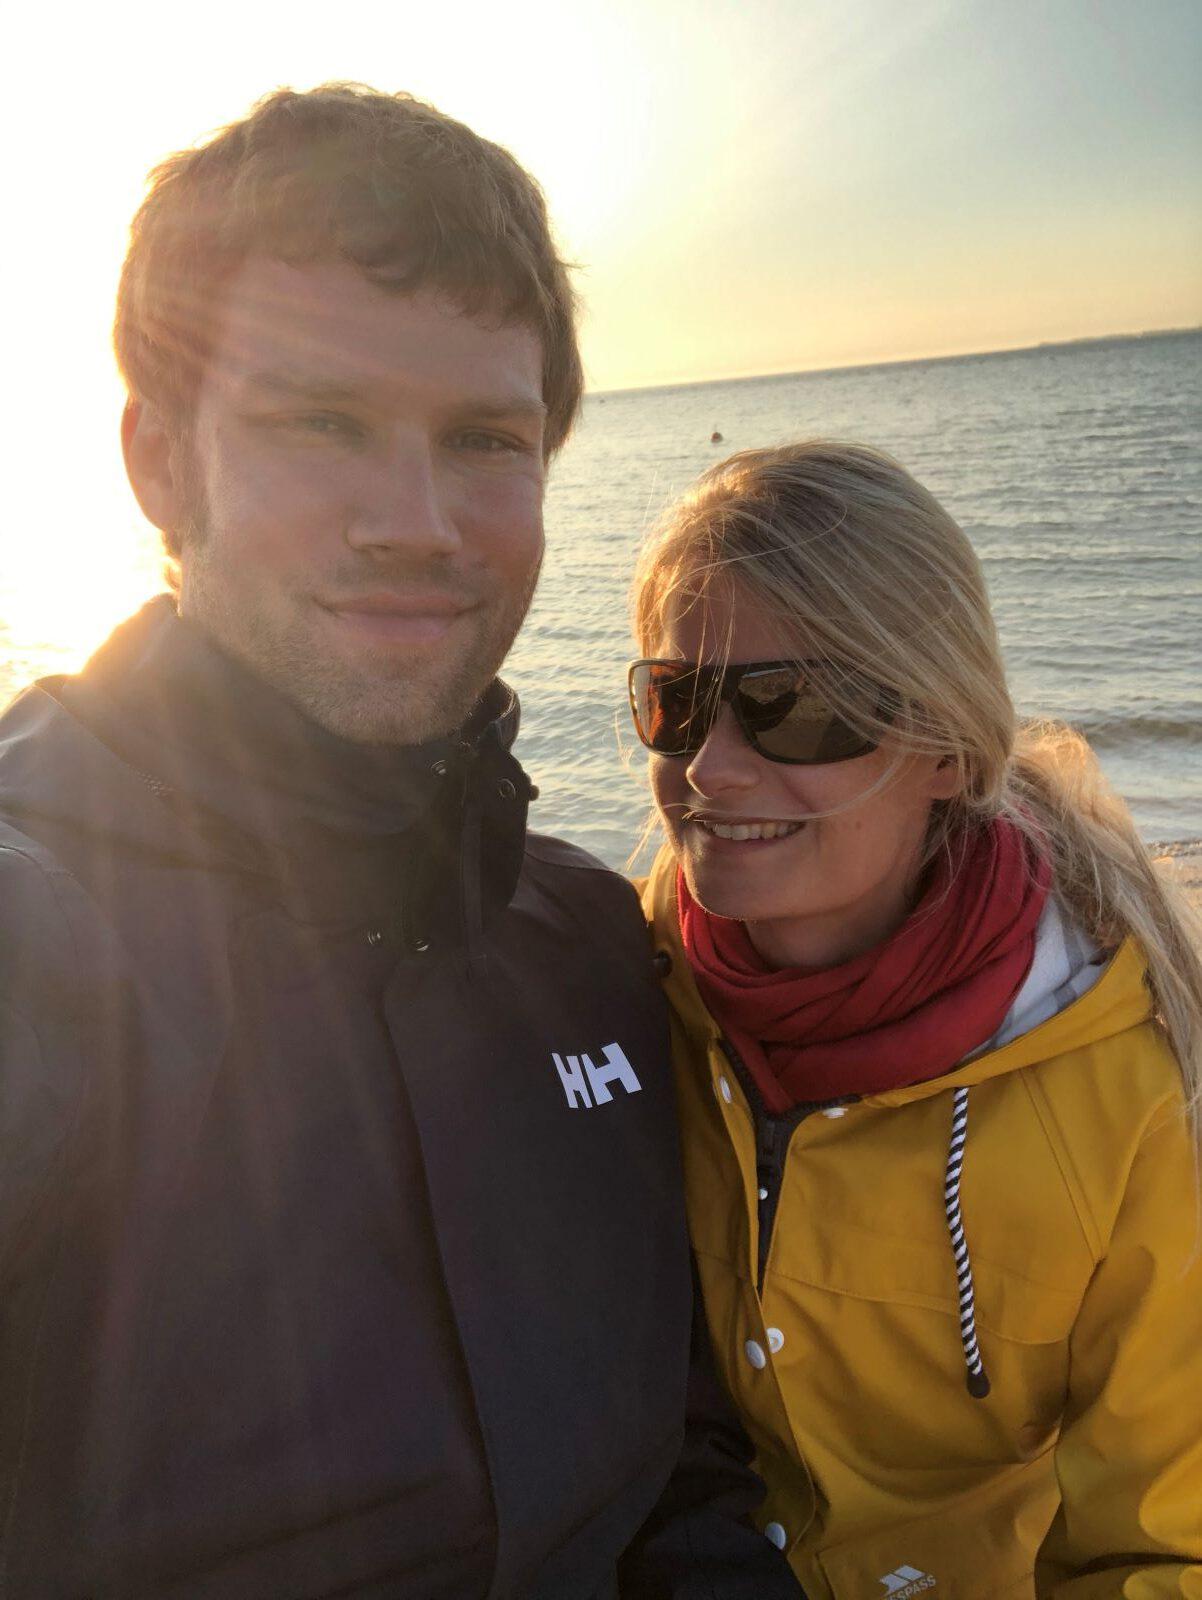 Ferienwohnungen in Warnemuende Madlen Krueger und Daniel Rohde